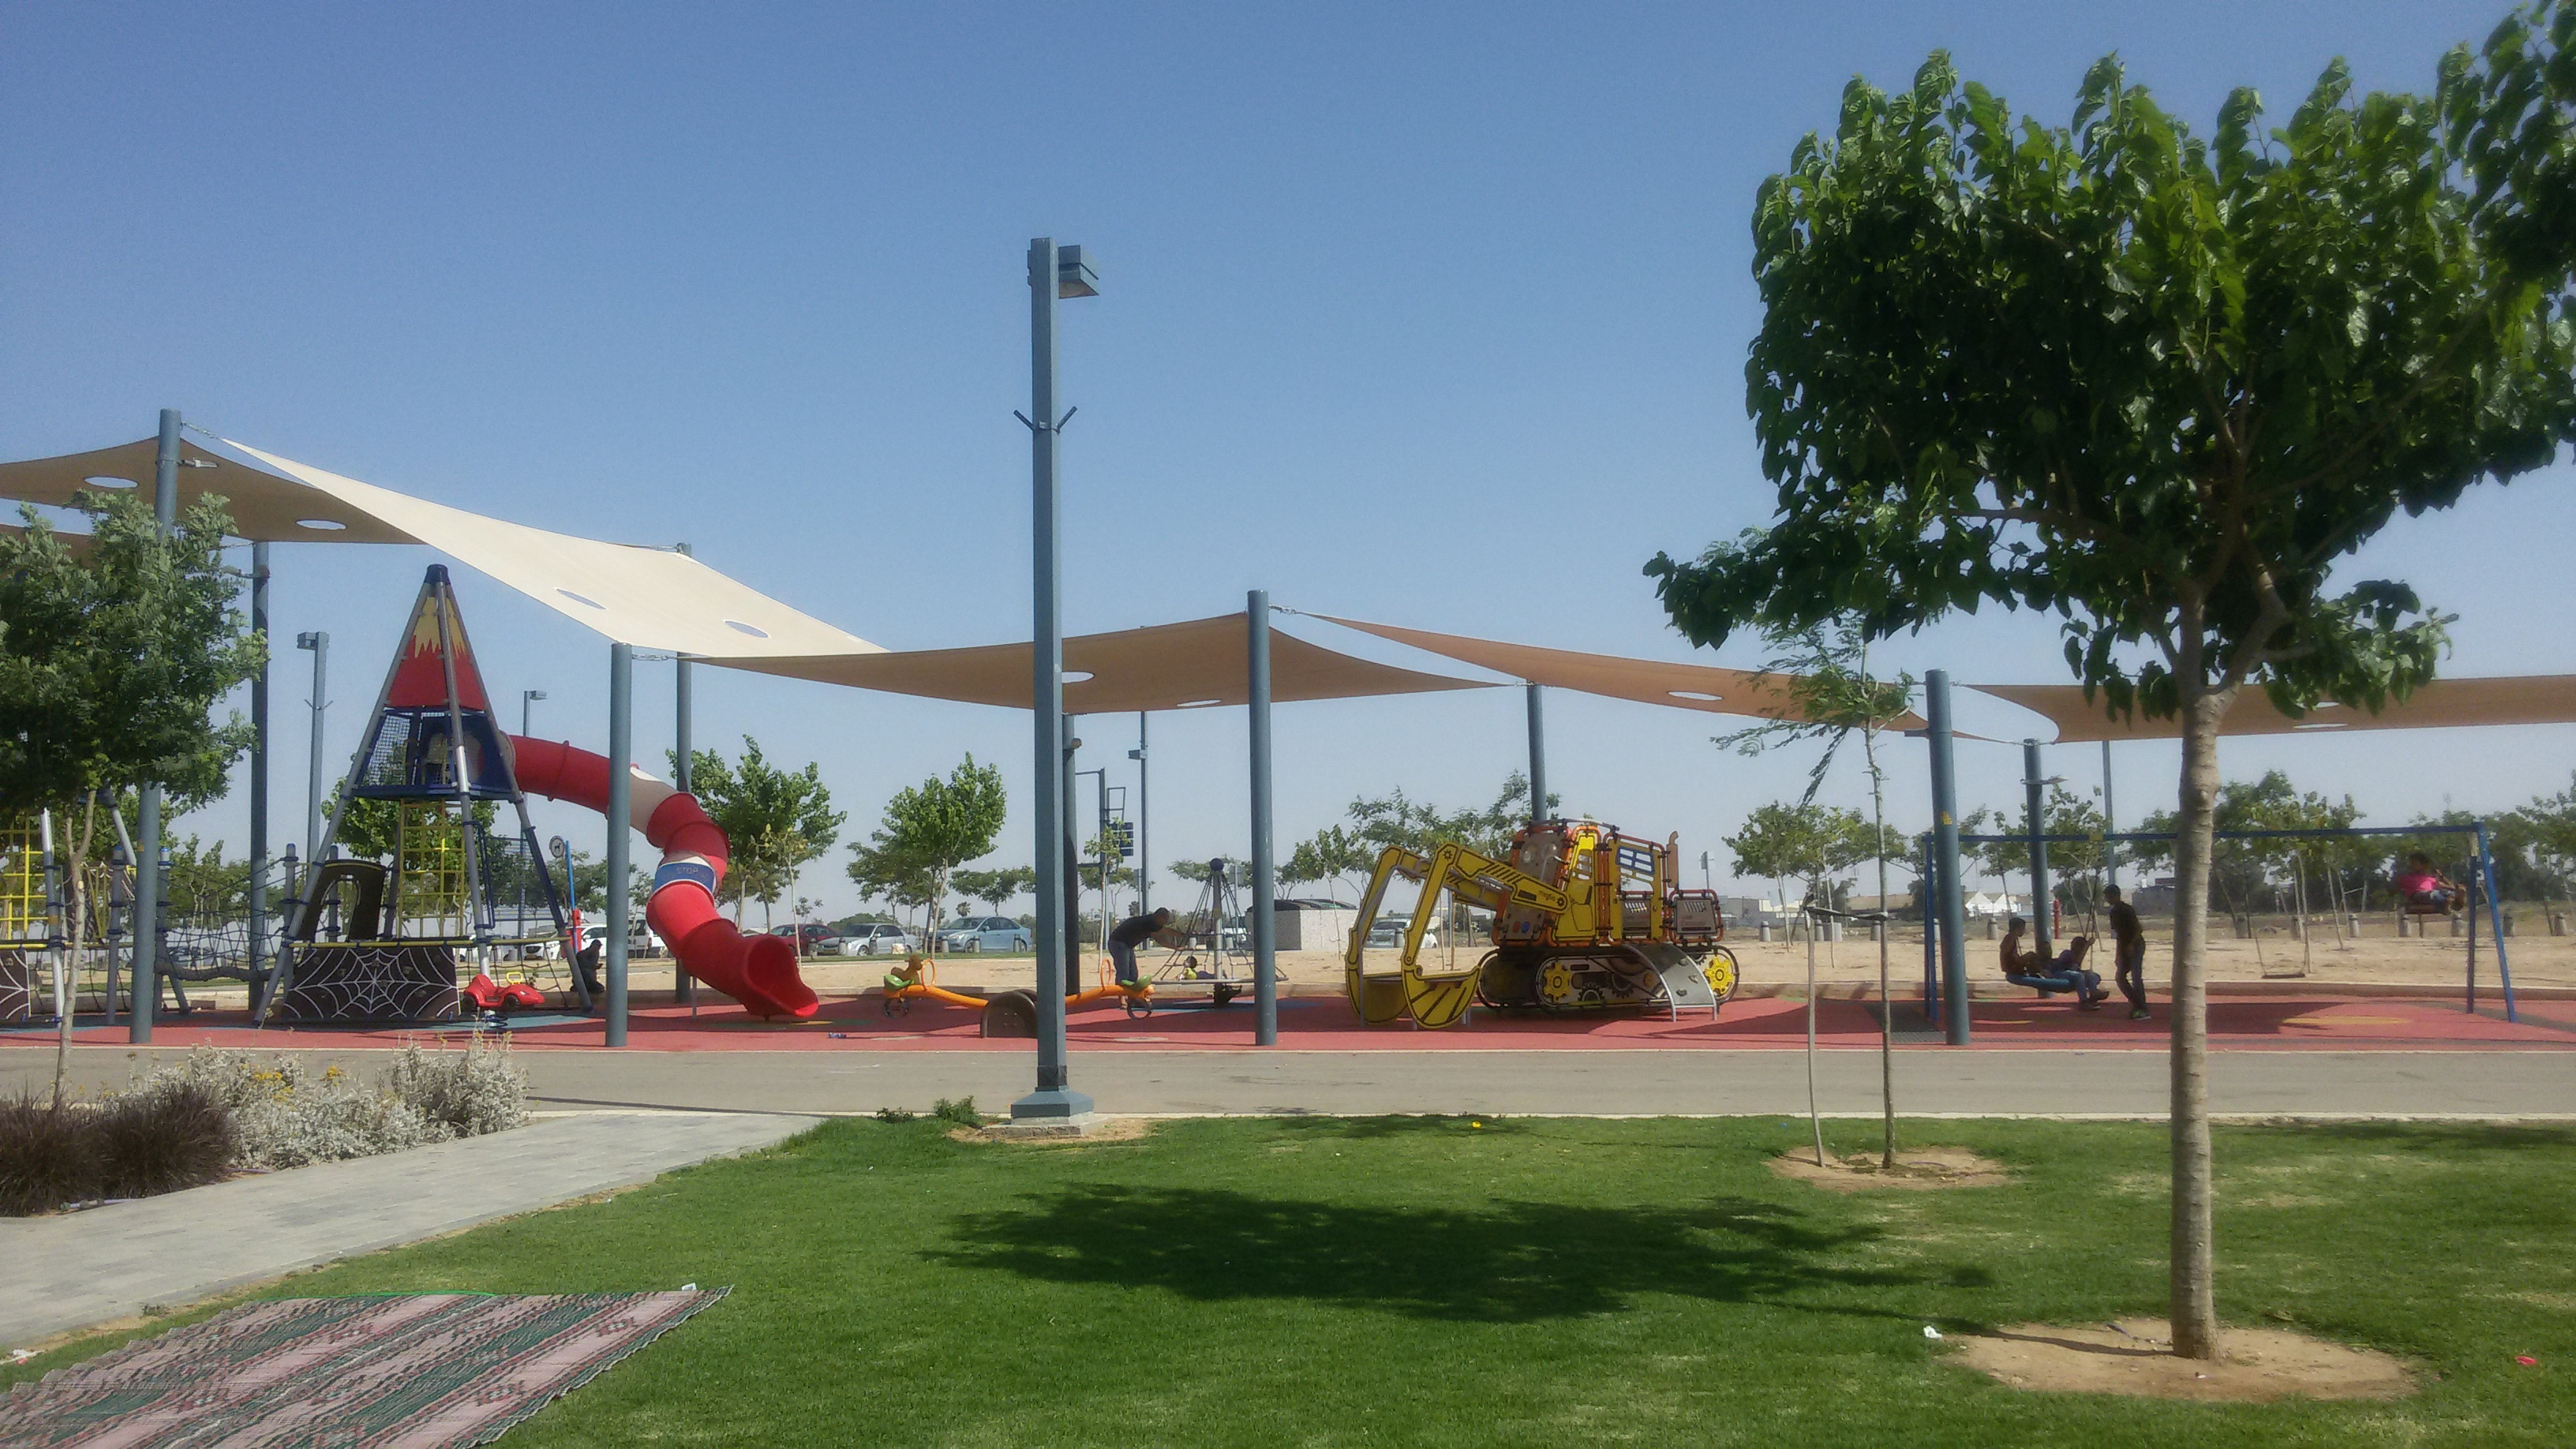 פארק נחל באר שבע. צילום: ויקיפדיה